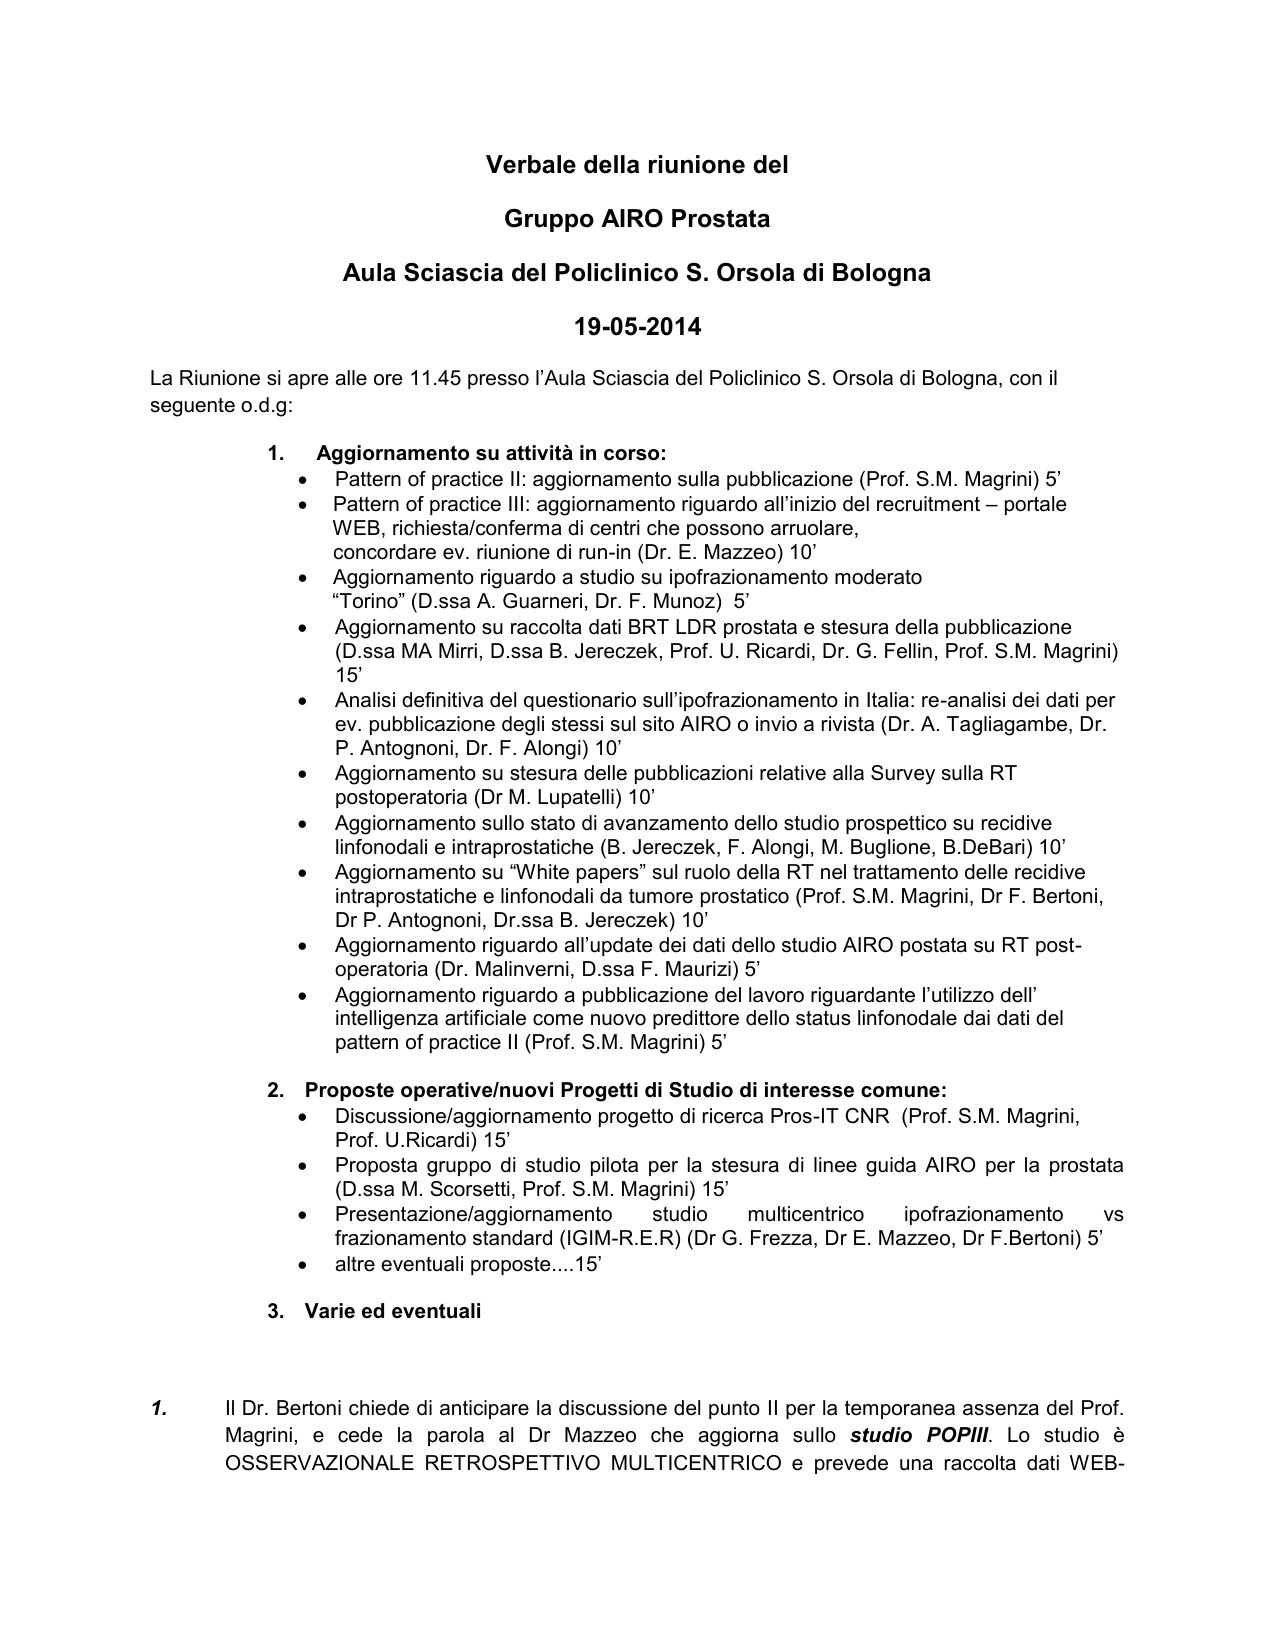 radioterapia de próstata en bellaria bolonia 2020